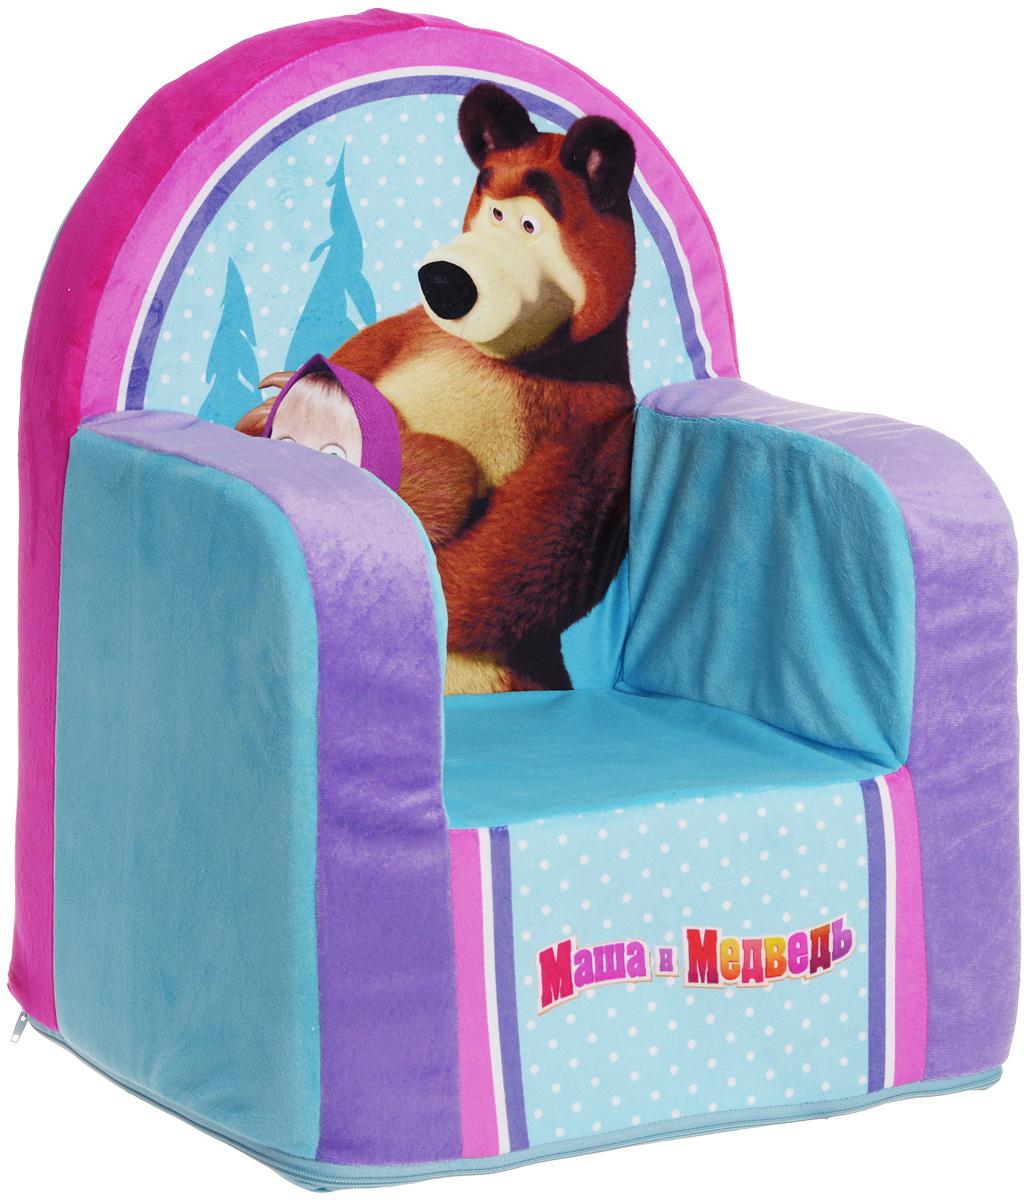 СмолТойс Мягкая игрушка Кресло Маша и Медведь цвет голубой 54 см2021/ГЛ-2/53Мягкая игрушка СмолТойс Кресло Маша и Медведь отлично украсит любую детскую! Особенно оно понравится тем малышам, которые обожают мультфильмы про Машу и Медведя. Кресло имеет яркую окраску и практичный съемный чехол, который при необходимости вы сможете постирать. На кресле изображены главные персонажи мультика, выполнено оно в нежных тонах, поэтому впишется в любой интерьер детской комнаты. Чехол изготовлен из материала очень приятного на ощупь. Кресло создано из нетоксичных и качественных материалов, которые прошли проверку на безопасность для детей.